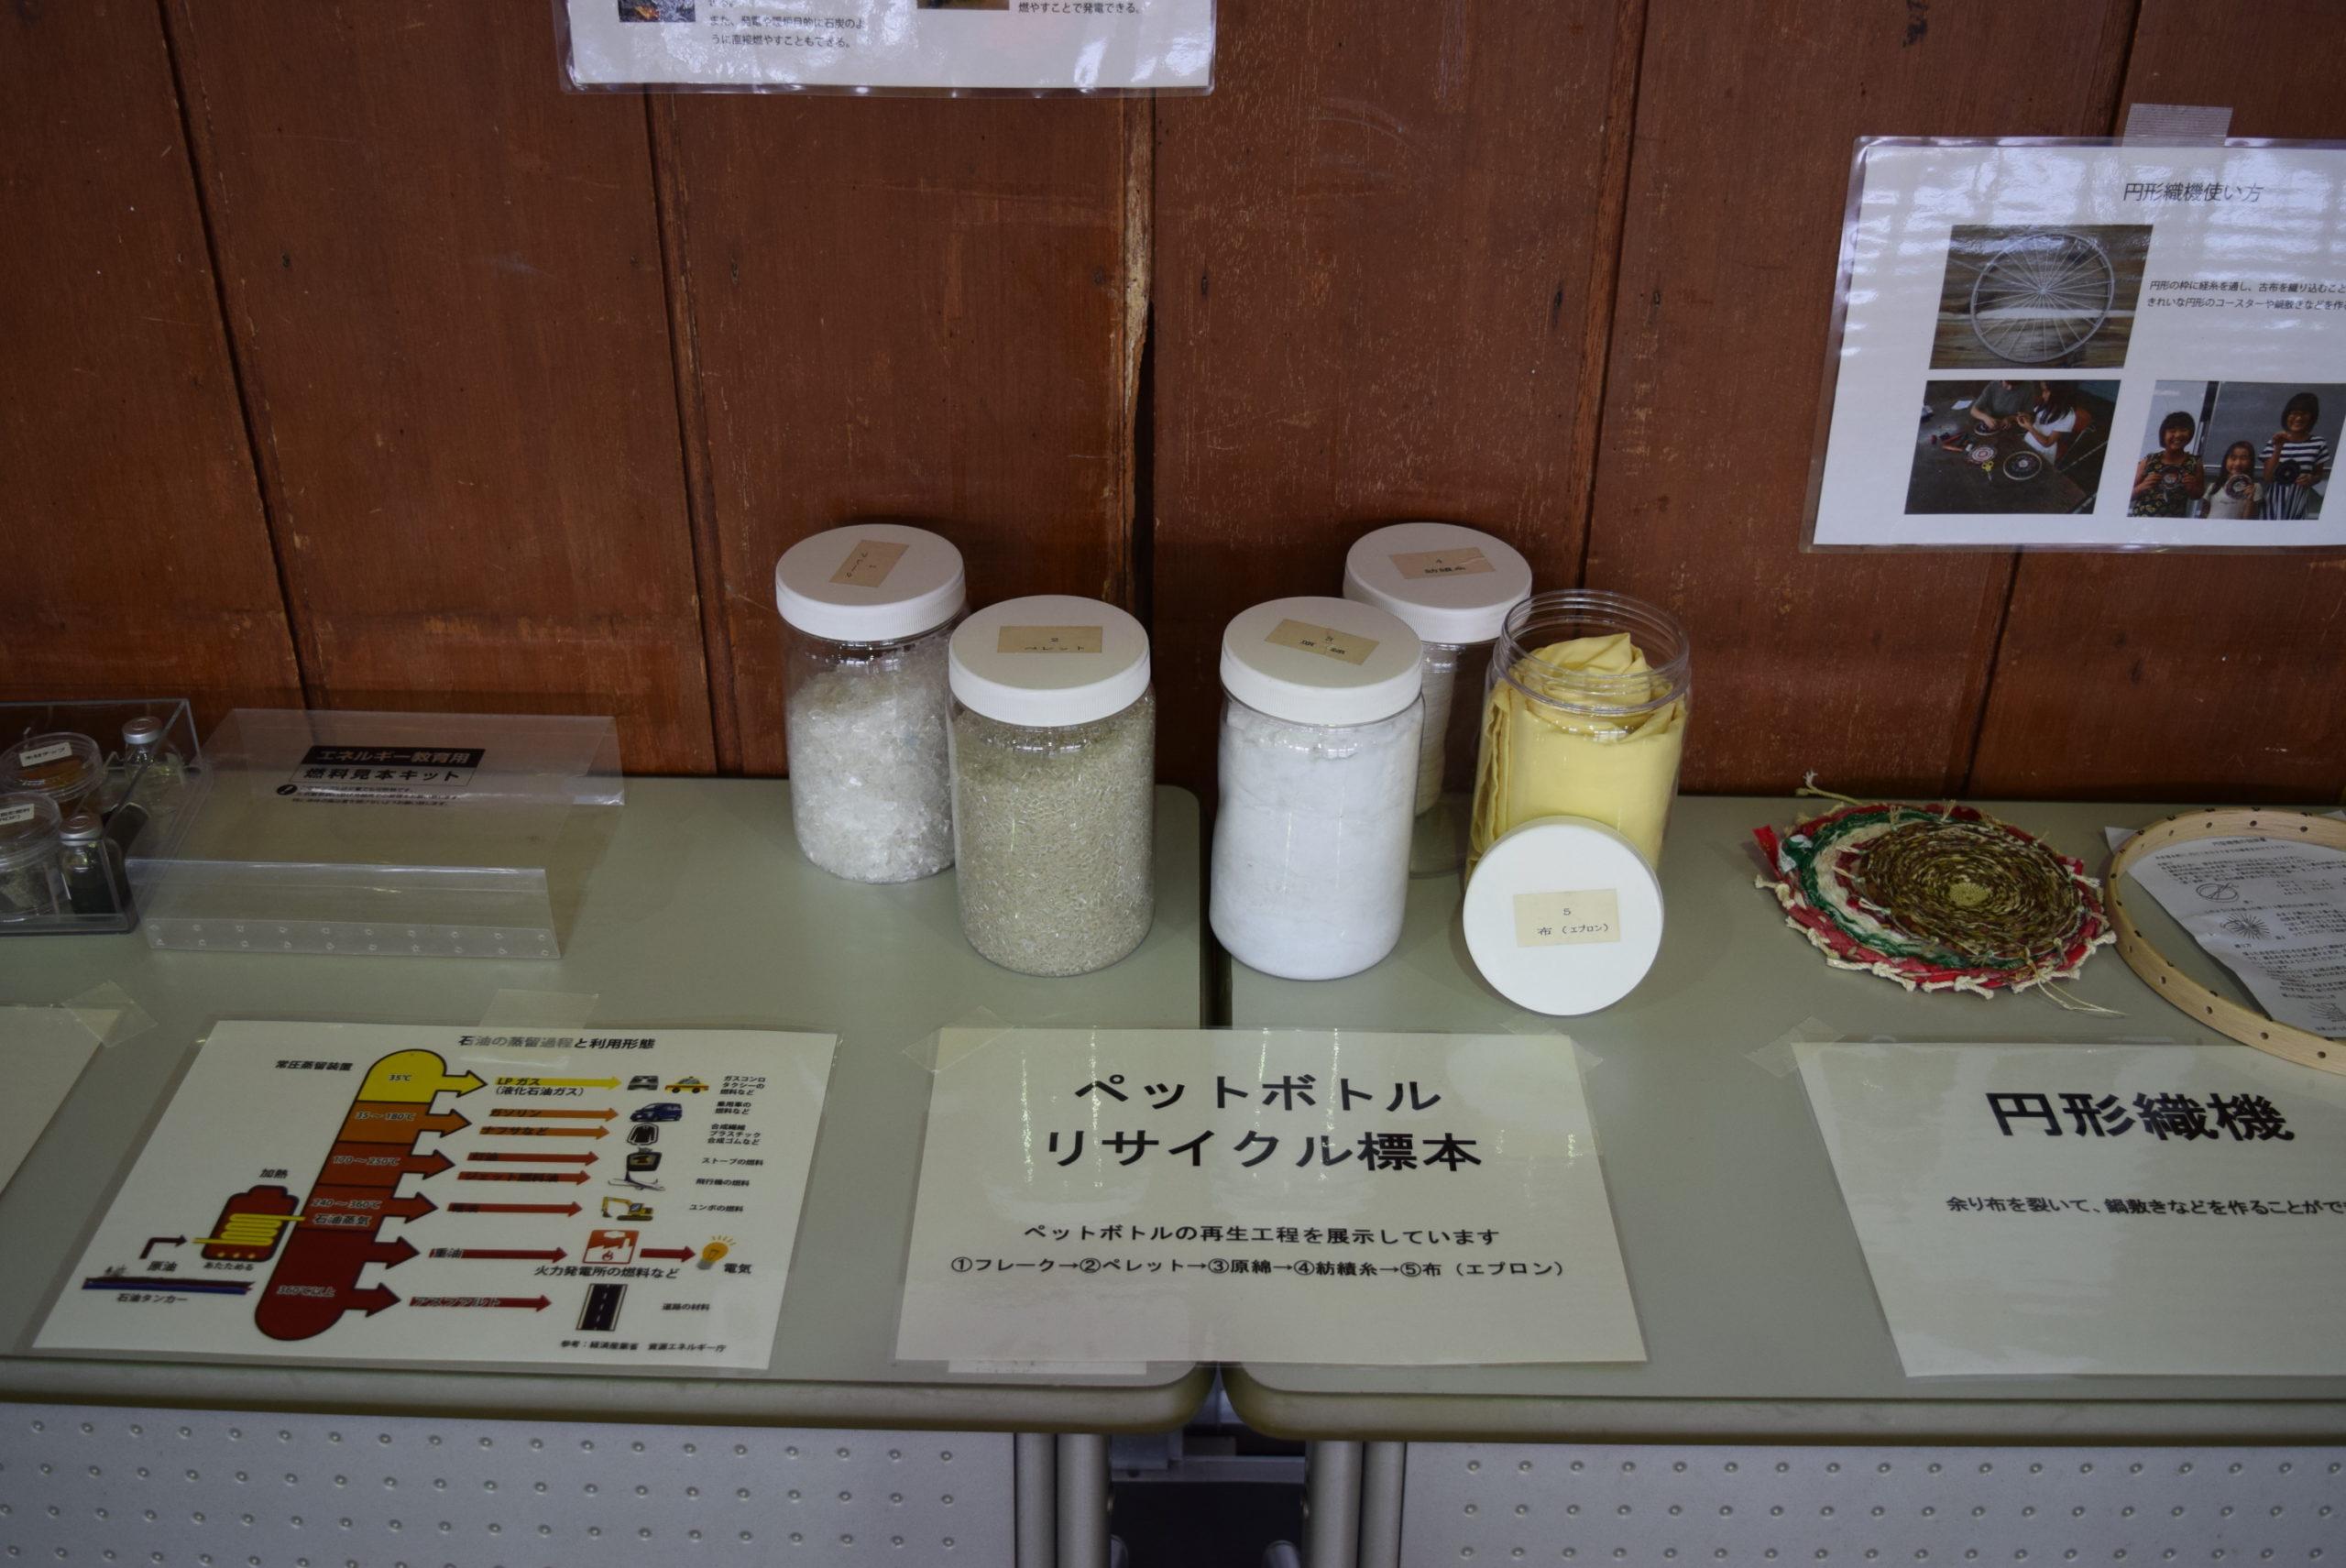 ペットボトルリサイクル標本:ペットボトルの原料見本です。